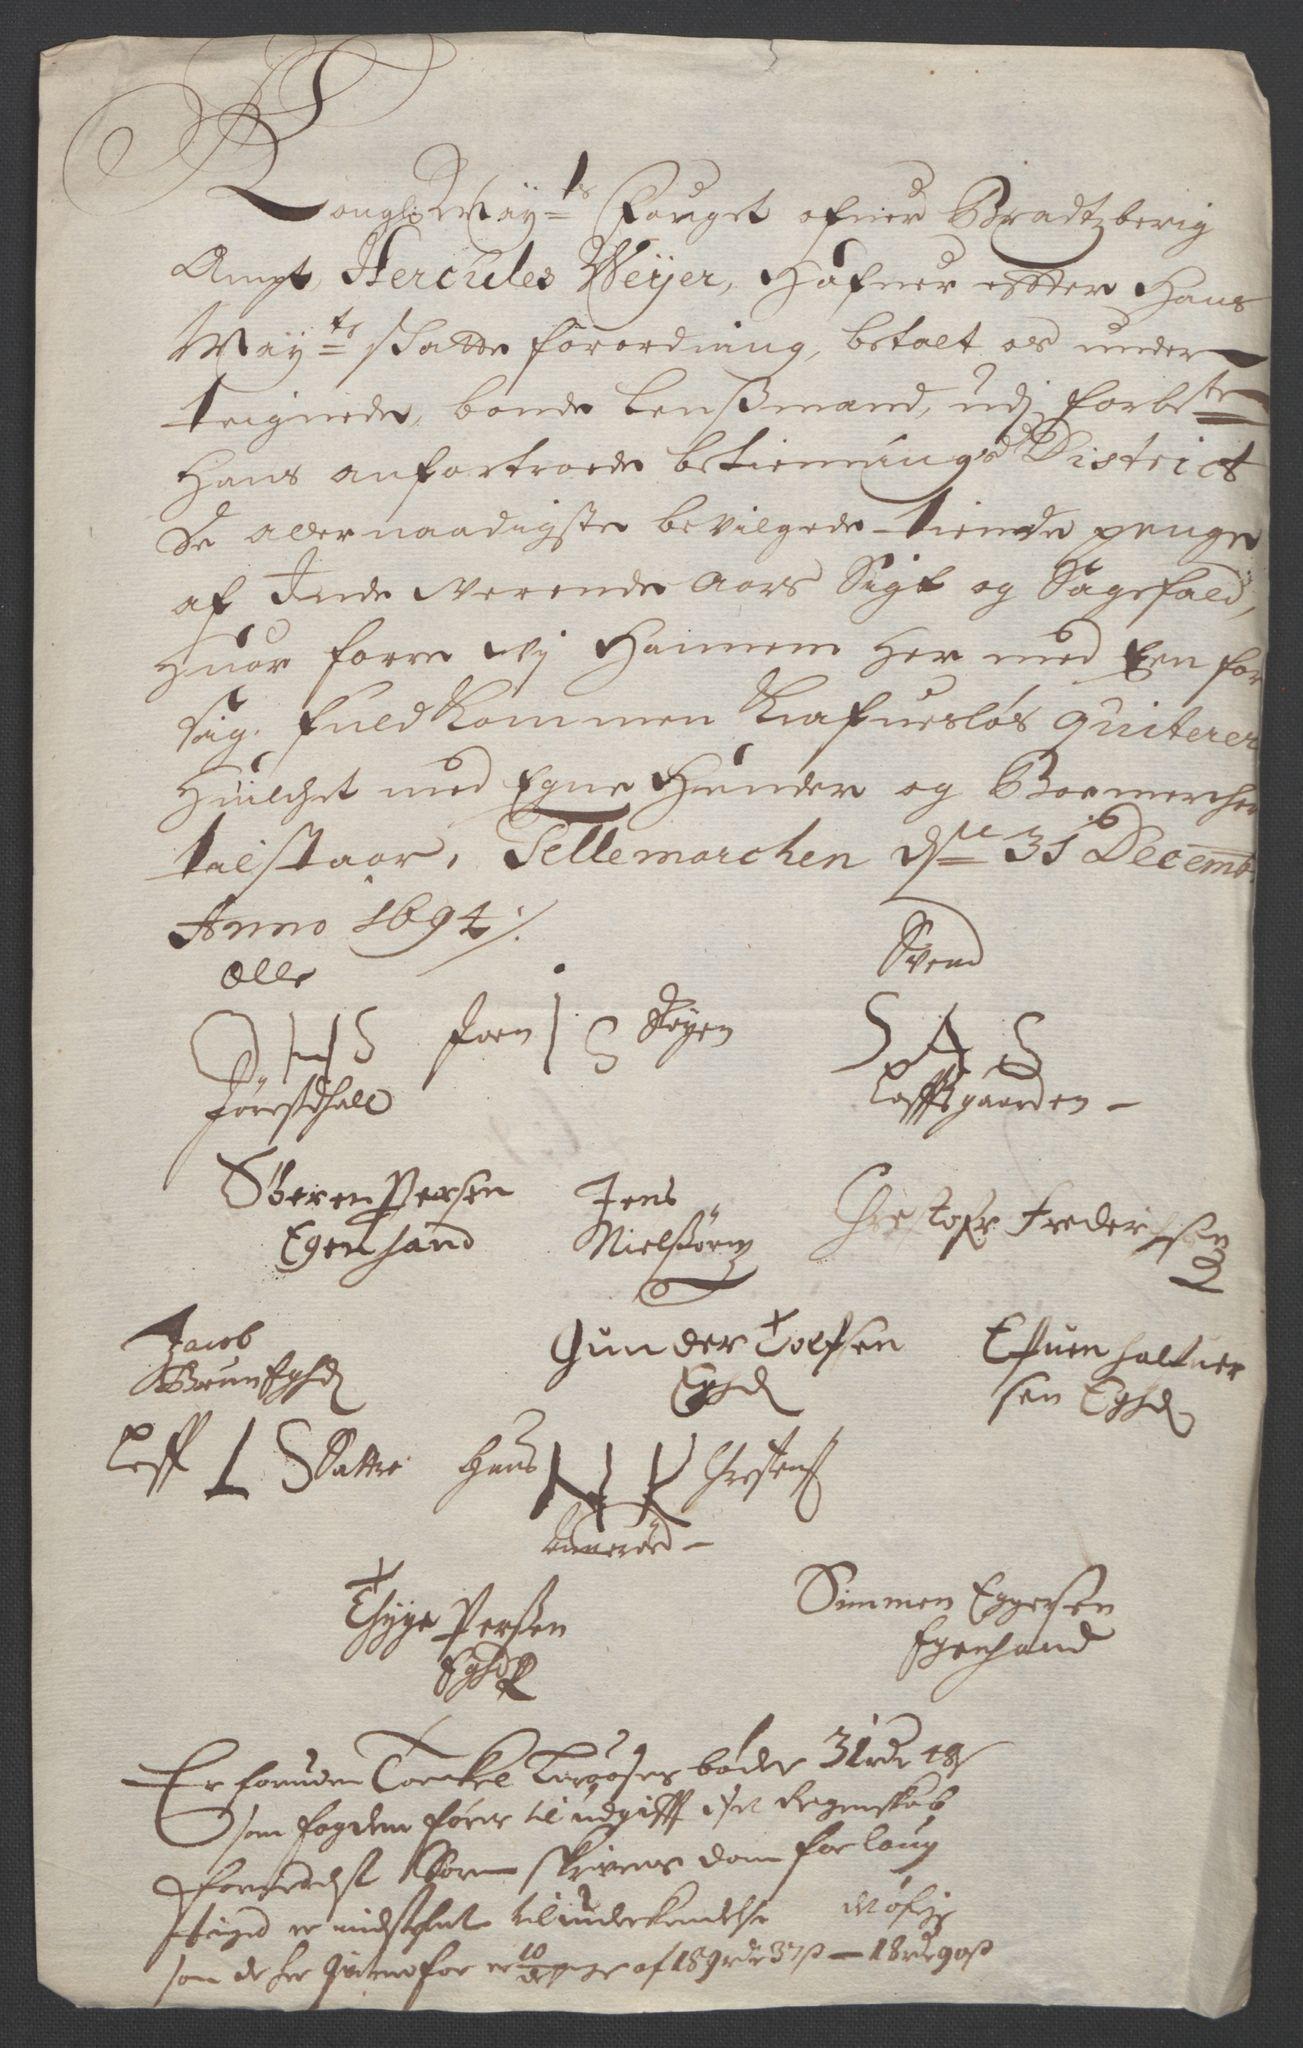 RA, Rentekammeret inntil 1814, Reviderte regnskaper, Fogderegnskap, R36/L2092: Fogderegnskap Øvre og Nedre Telemark og Bamble, 1694, s. 105